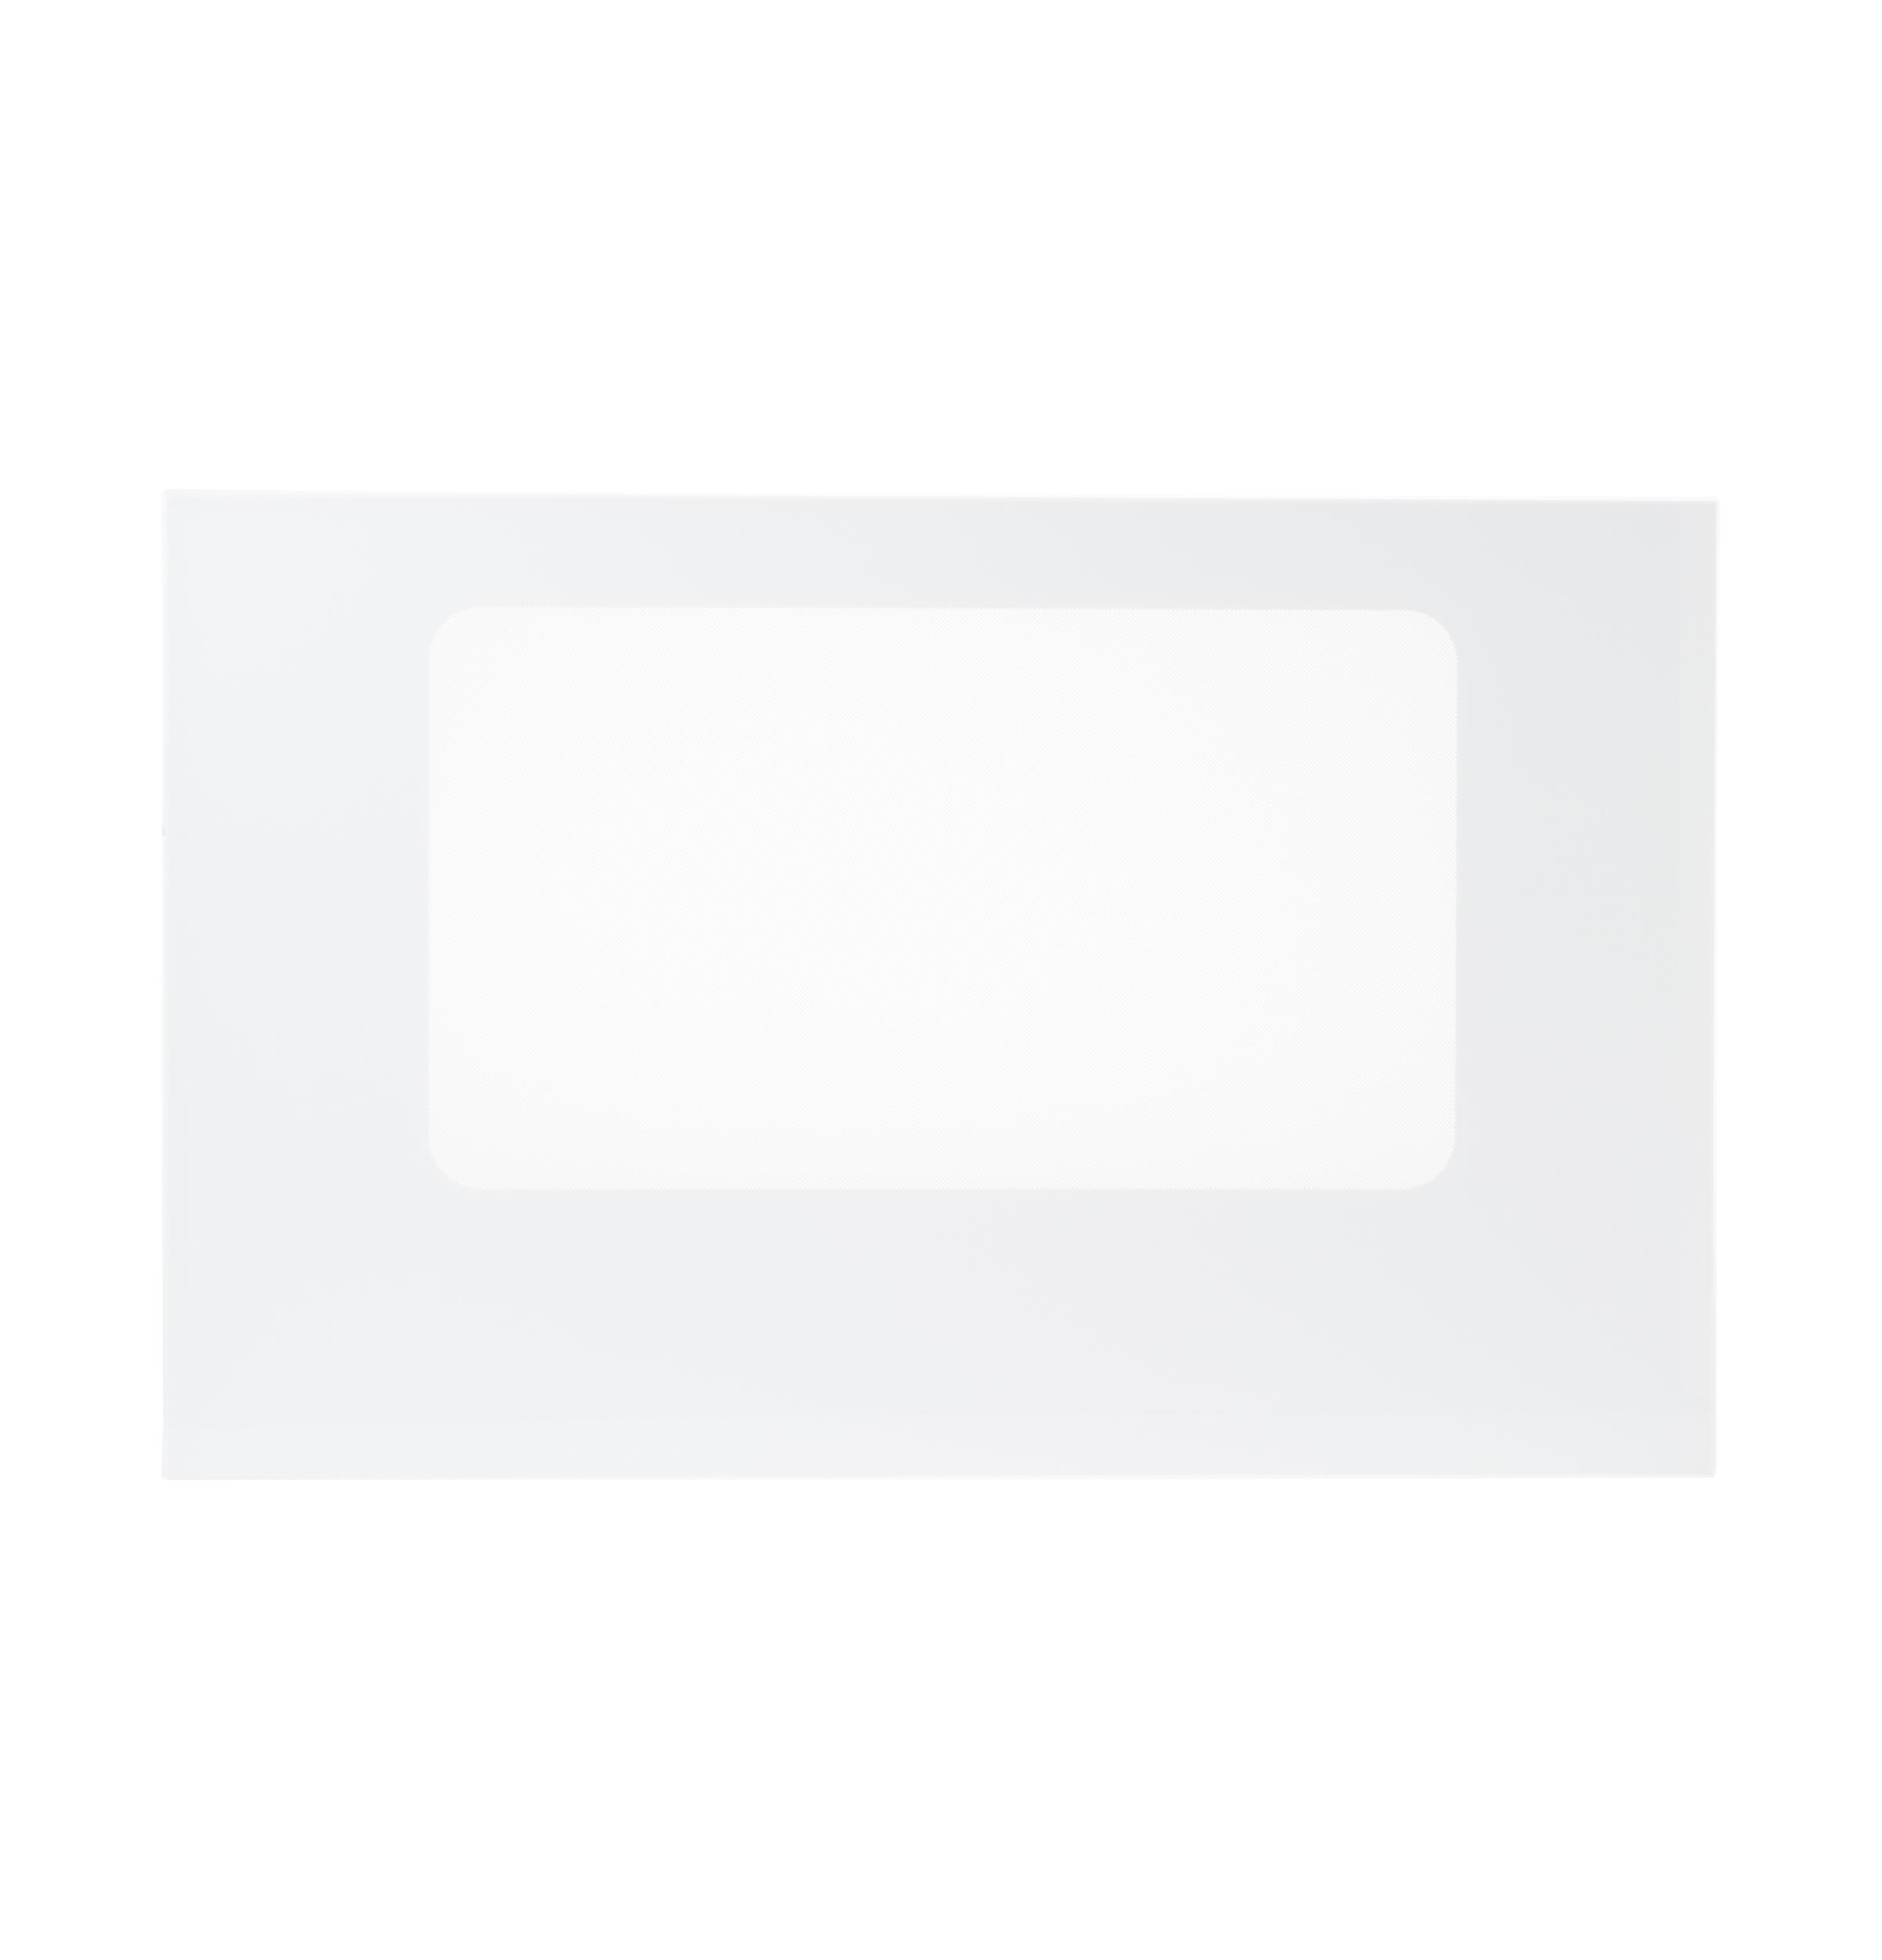 Hotpoint Rb800bj5bb Range Door Handle Black Genuine Oem